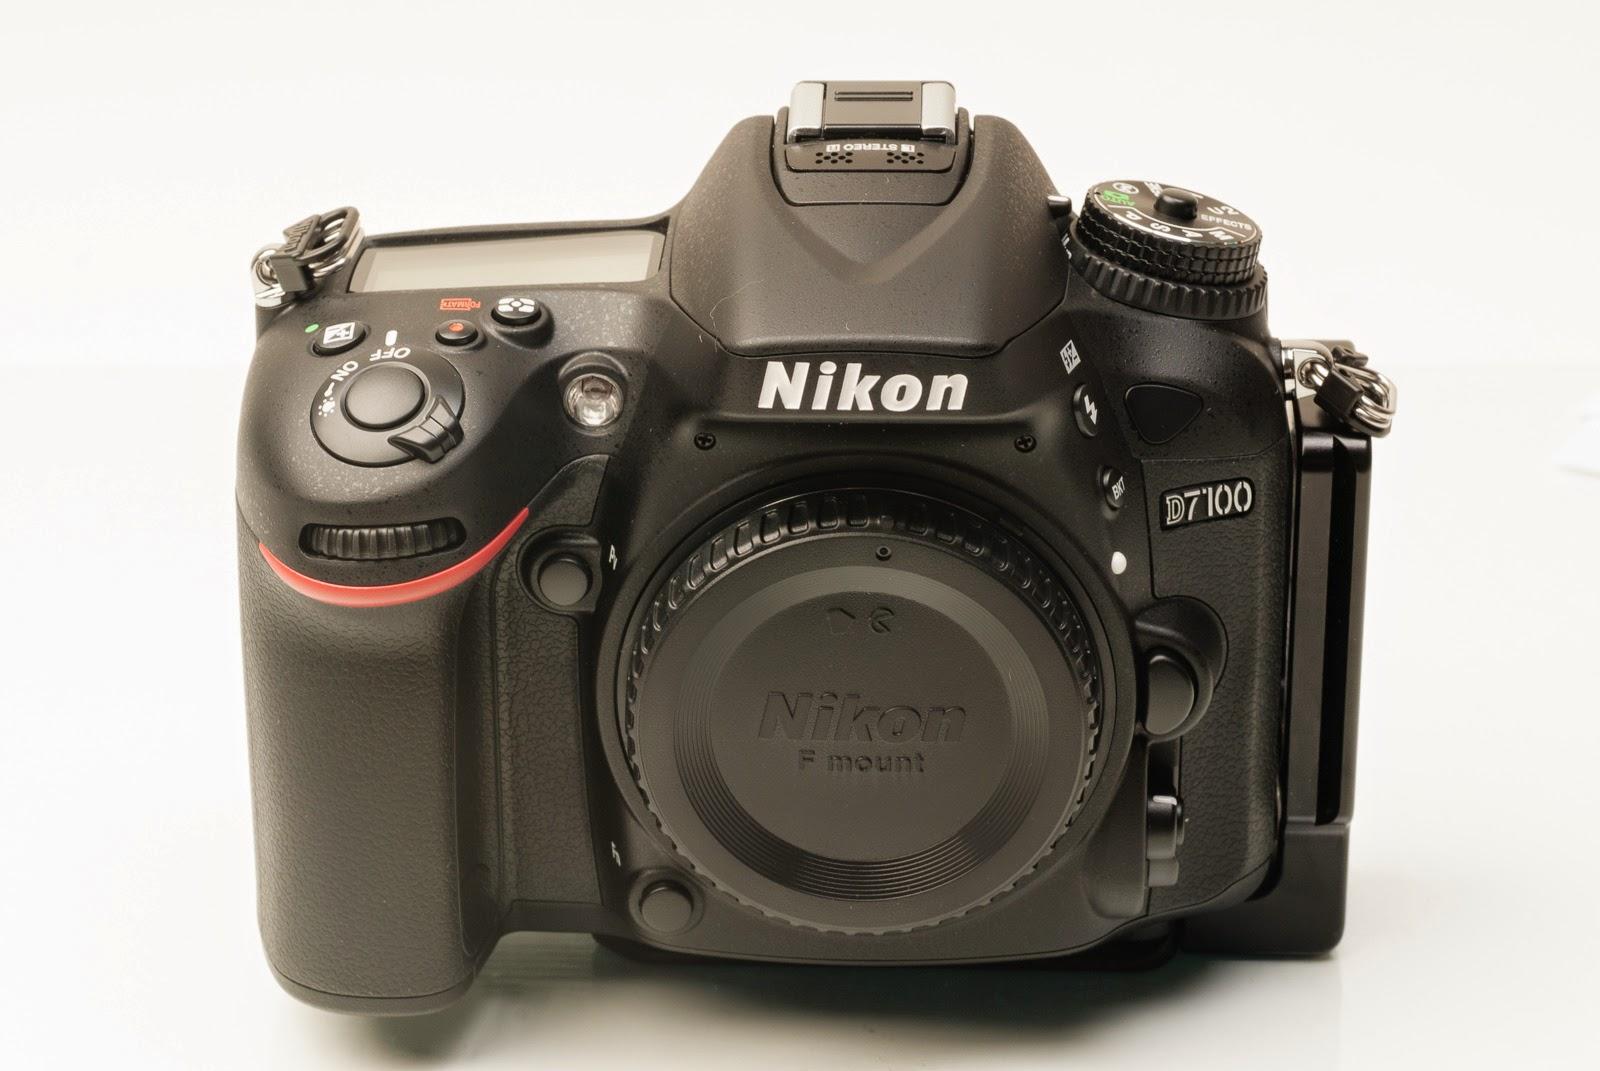 Nikon D7100 w/ ND-7100 L bracket - front